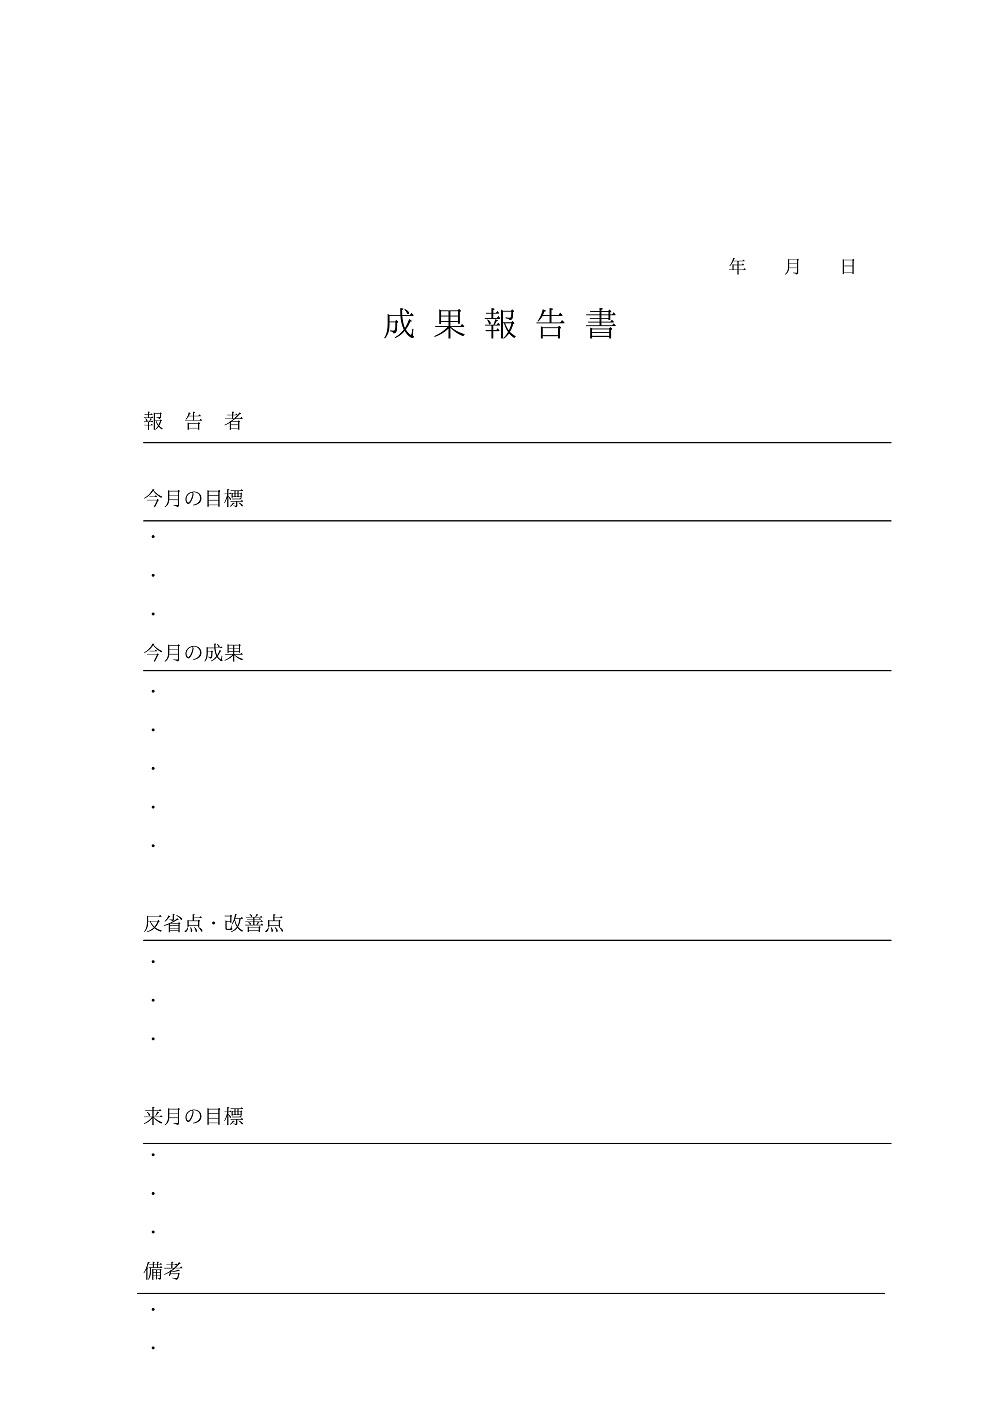 簡単に編集!シンプルで書き方が簡単な成果報告書